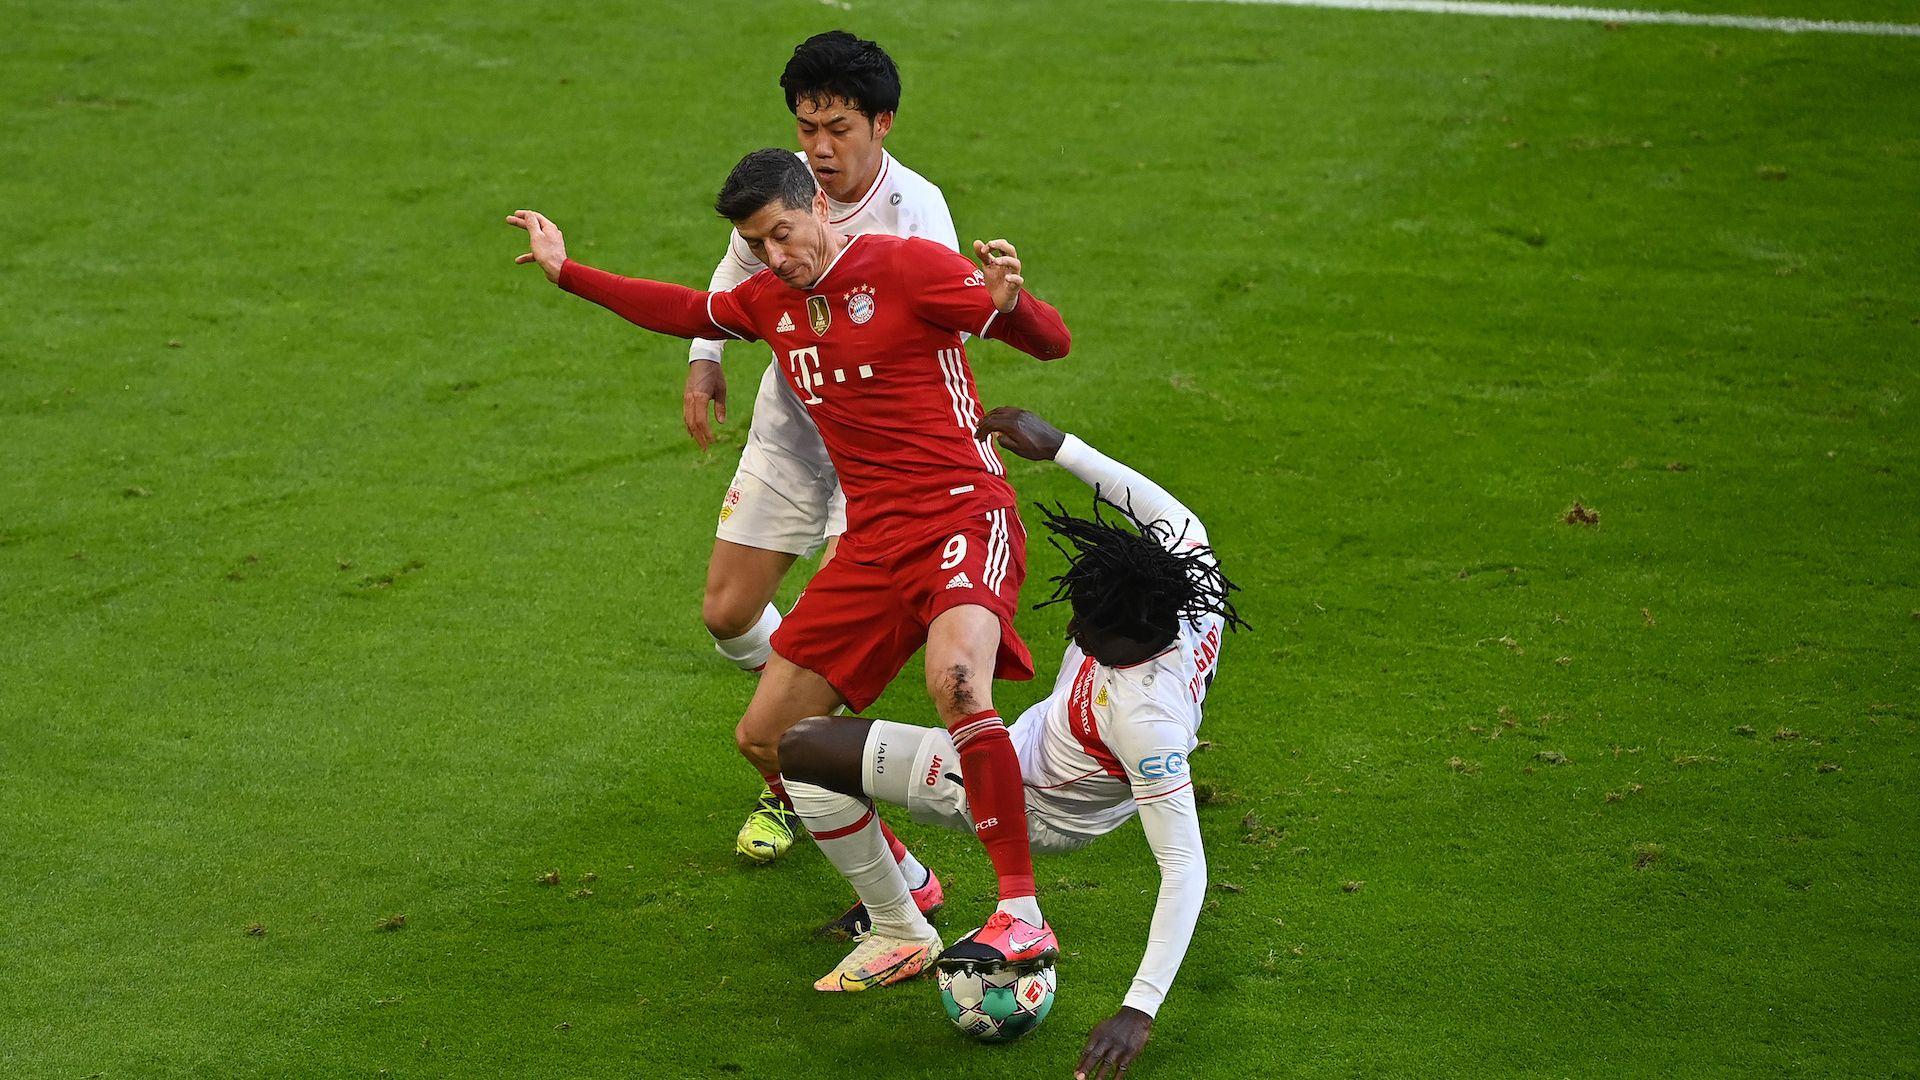 Бърз червен картон разгневи Байерн и Левандовски и доведе до разгром